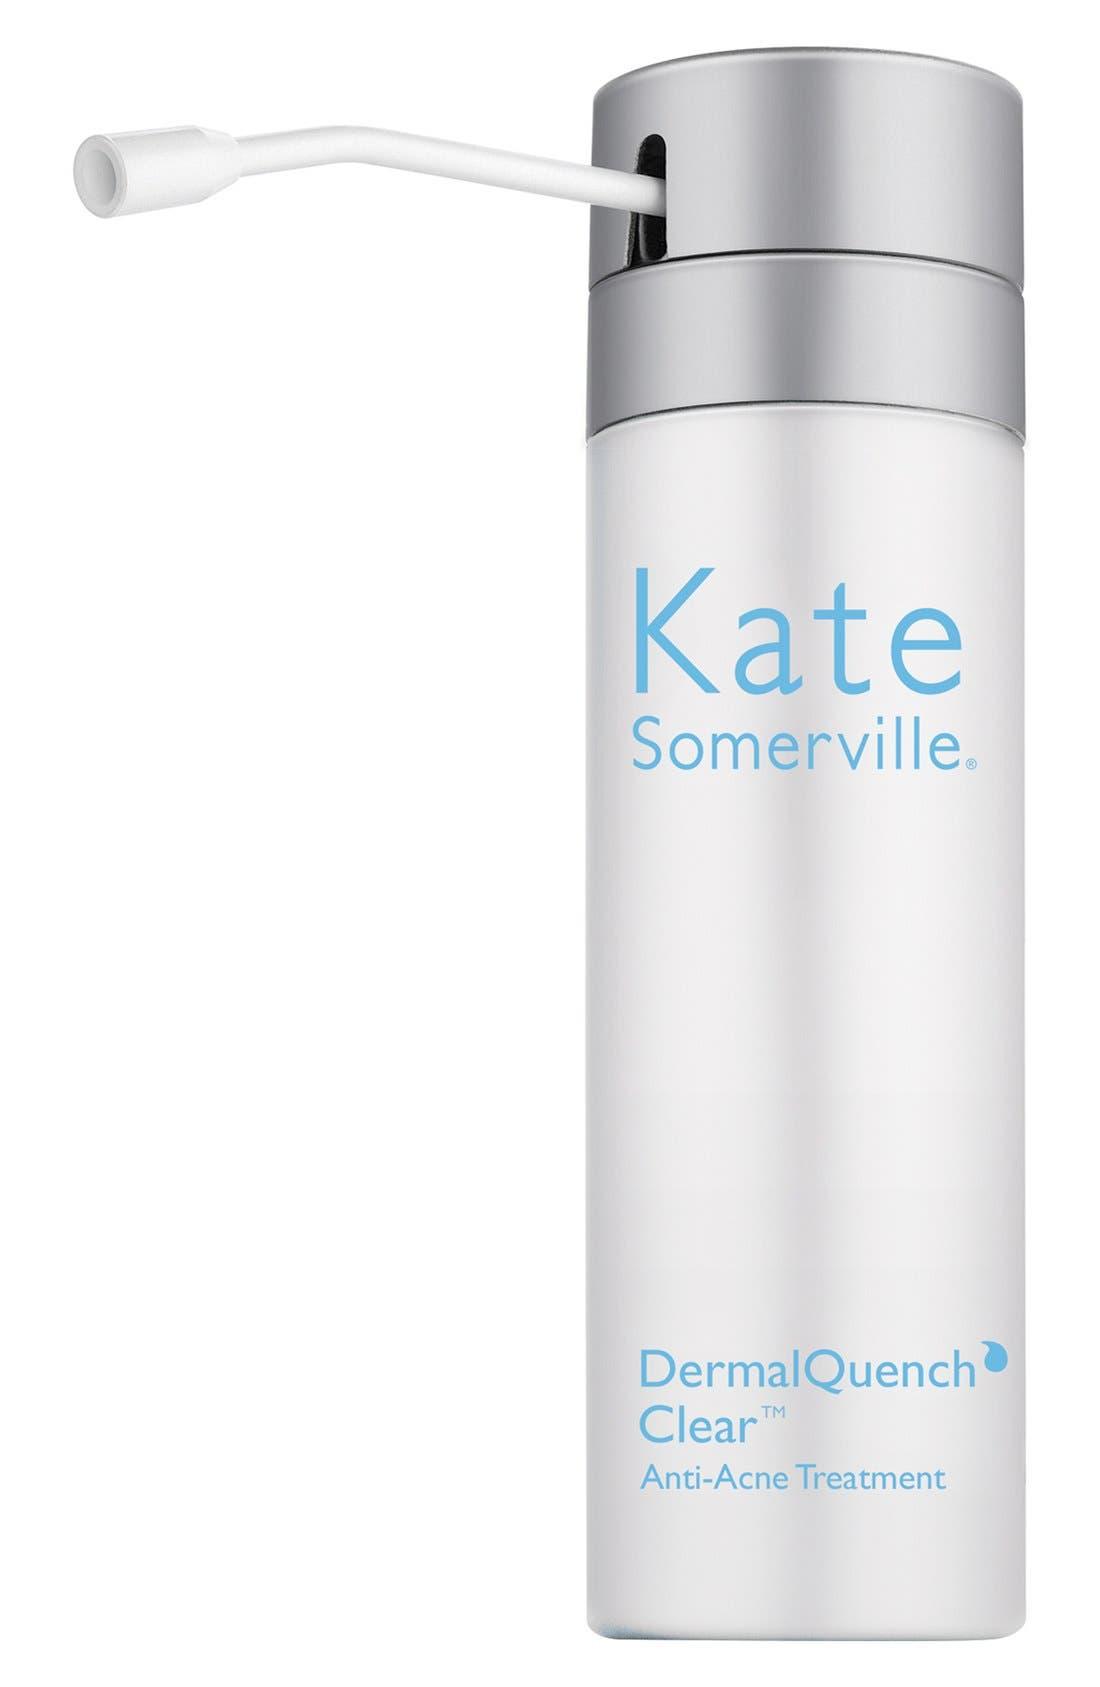 'DermalQuench Clear<sup>™</sup>' Anti-Acne Treatment,                             Main thumbnail 1, color,                             000